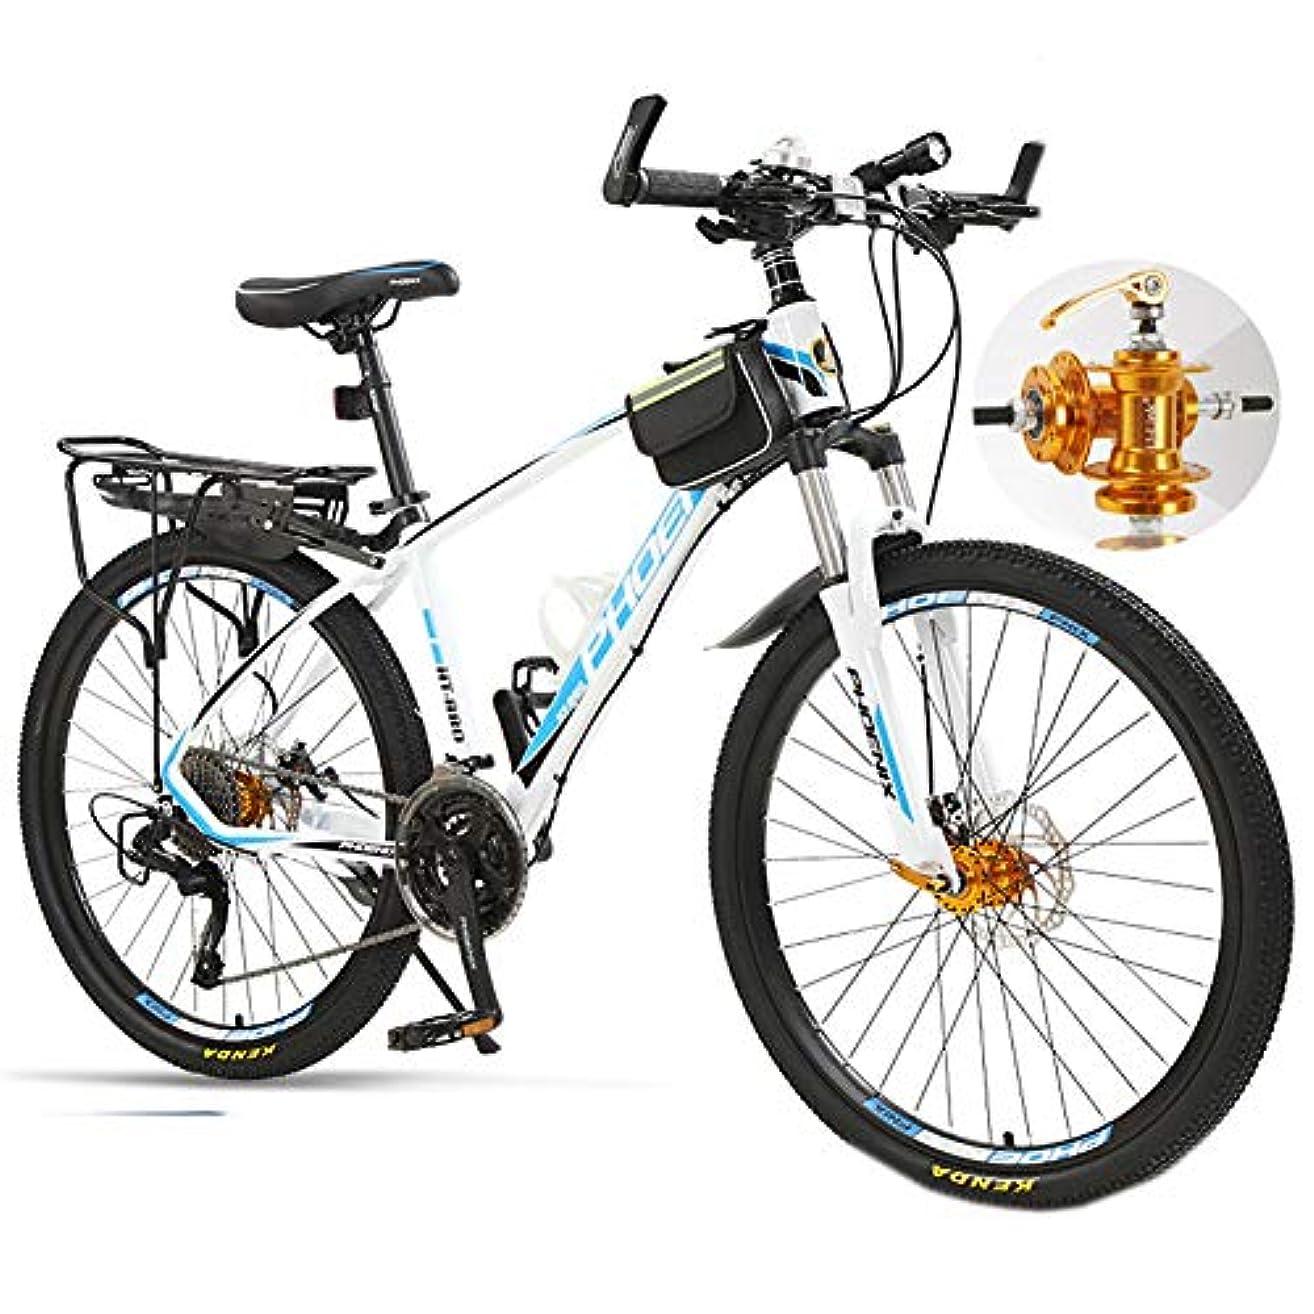 マイクロプロセッサプレフィックス蛇行マウンテンバイク、ダブルブレーキ自転車、衝撃吸収オフロードレーシングバイク、26インチ学生可変速度オフロード大人のためのダブルサイクリング、ティーン,白,27 speed